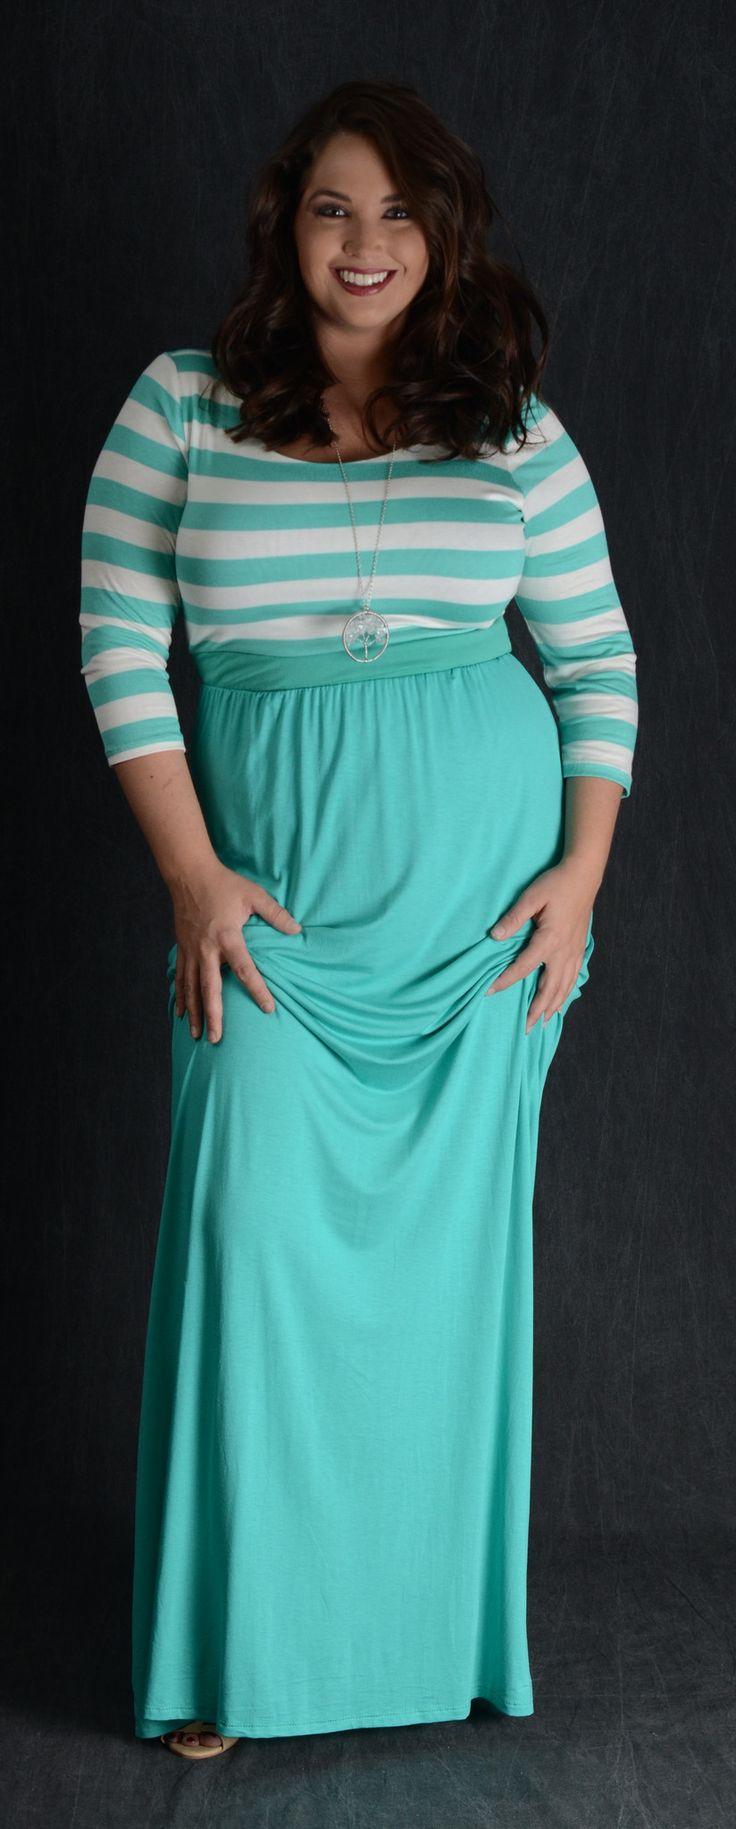 Striped Top Mint Maxi Dress